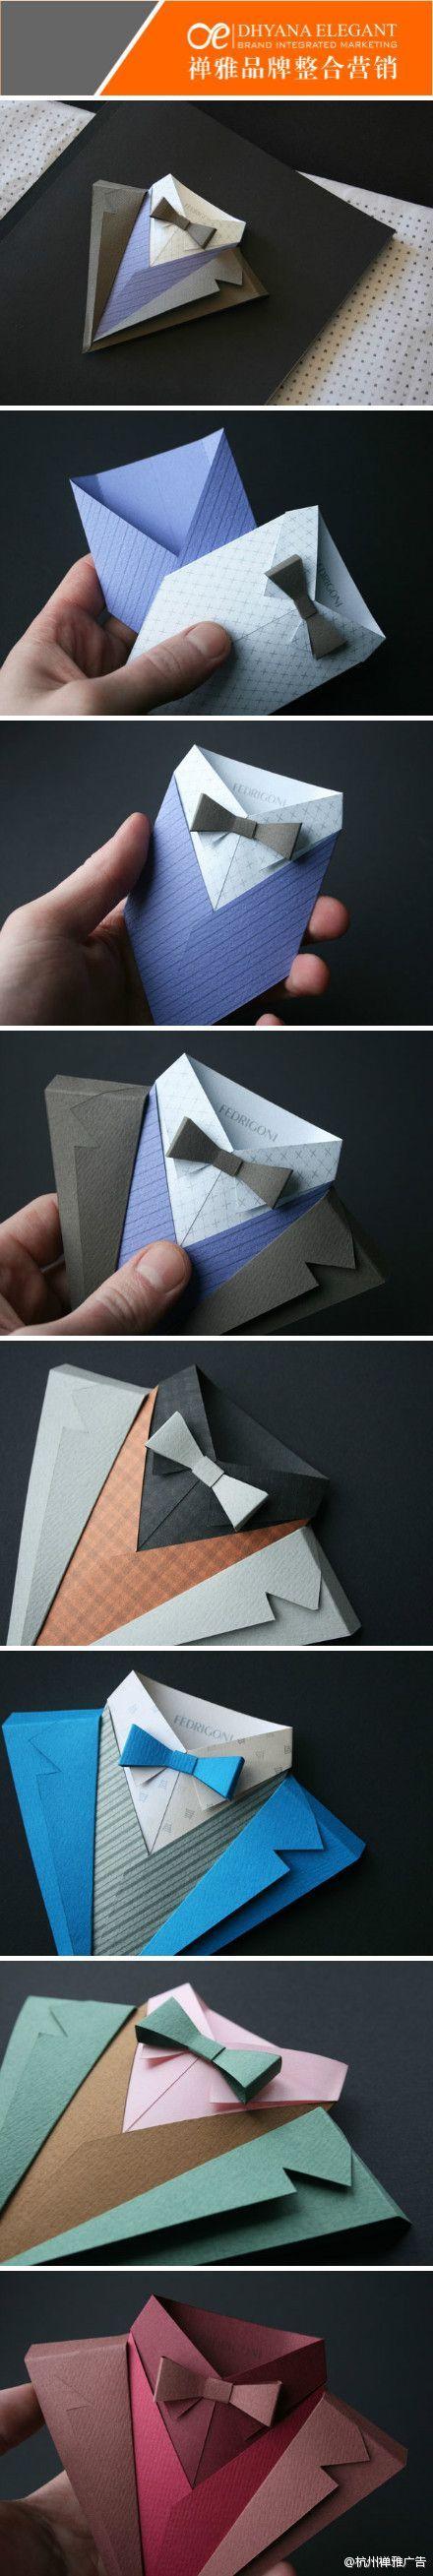 origami gravata